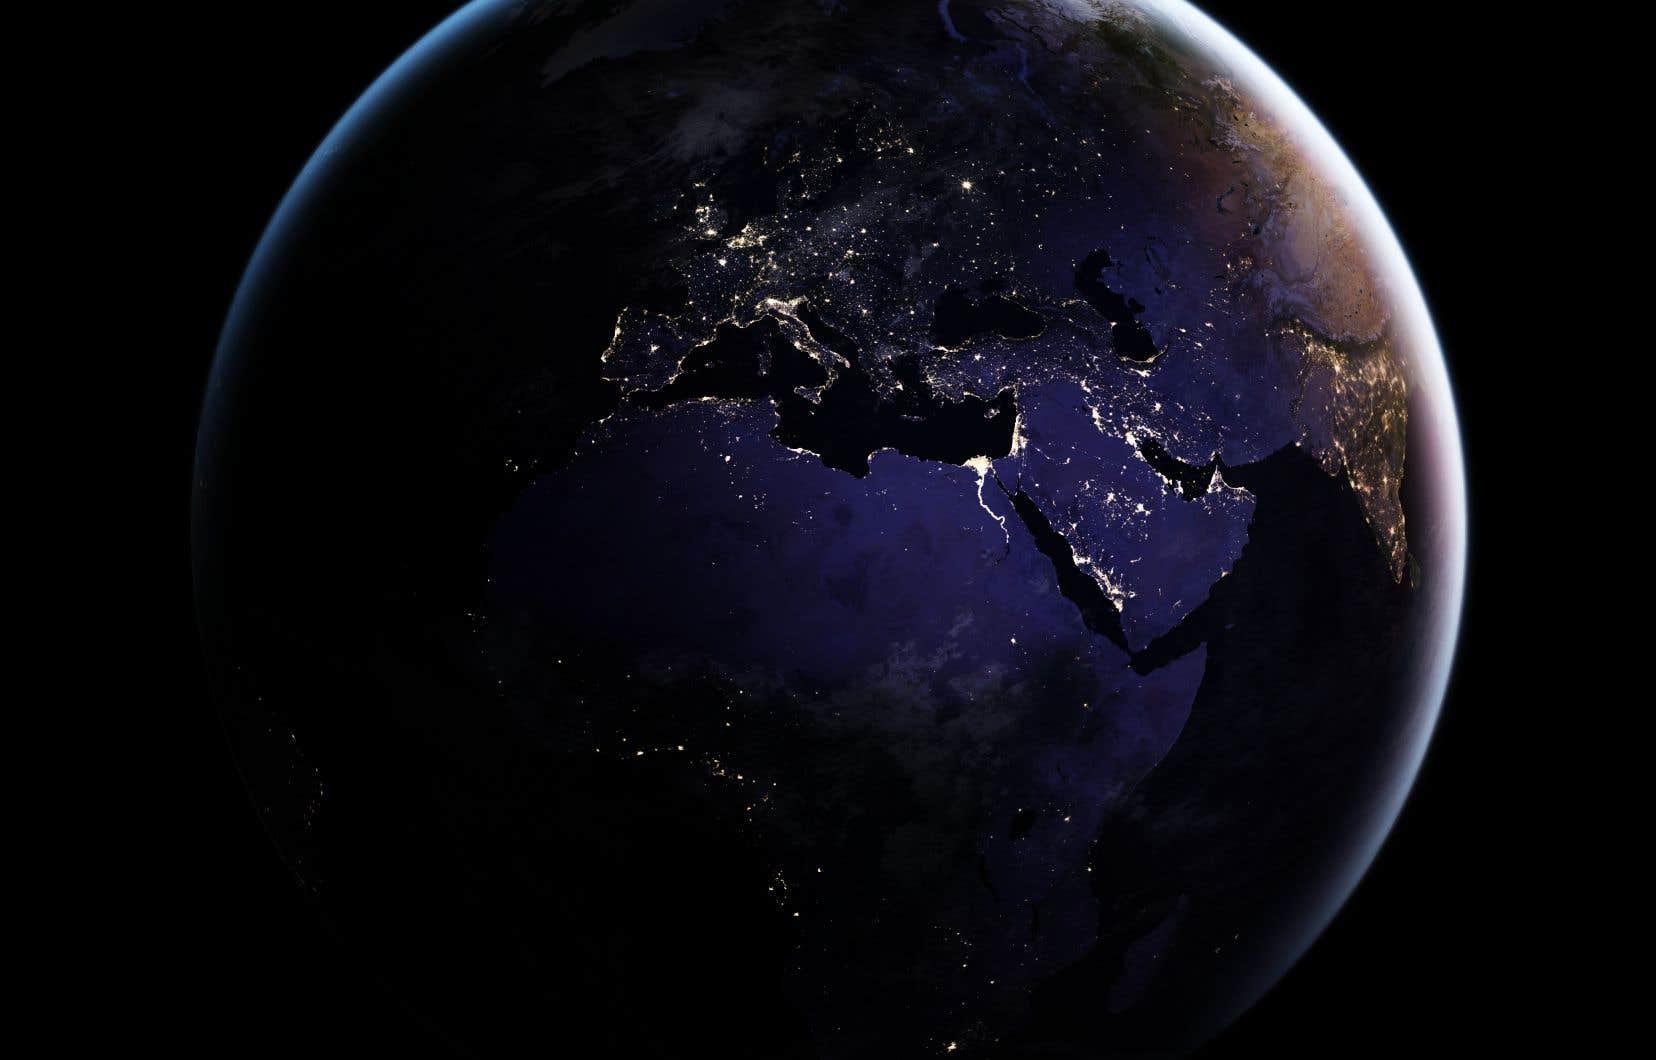 Plus de 80% de l'humanité vit sous des cieux inondés de lumière artificielle, et un tiers de la population de la planète ne peut jamais voir la Voie lactée.